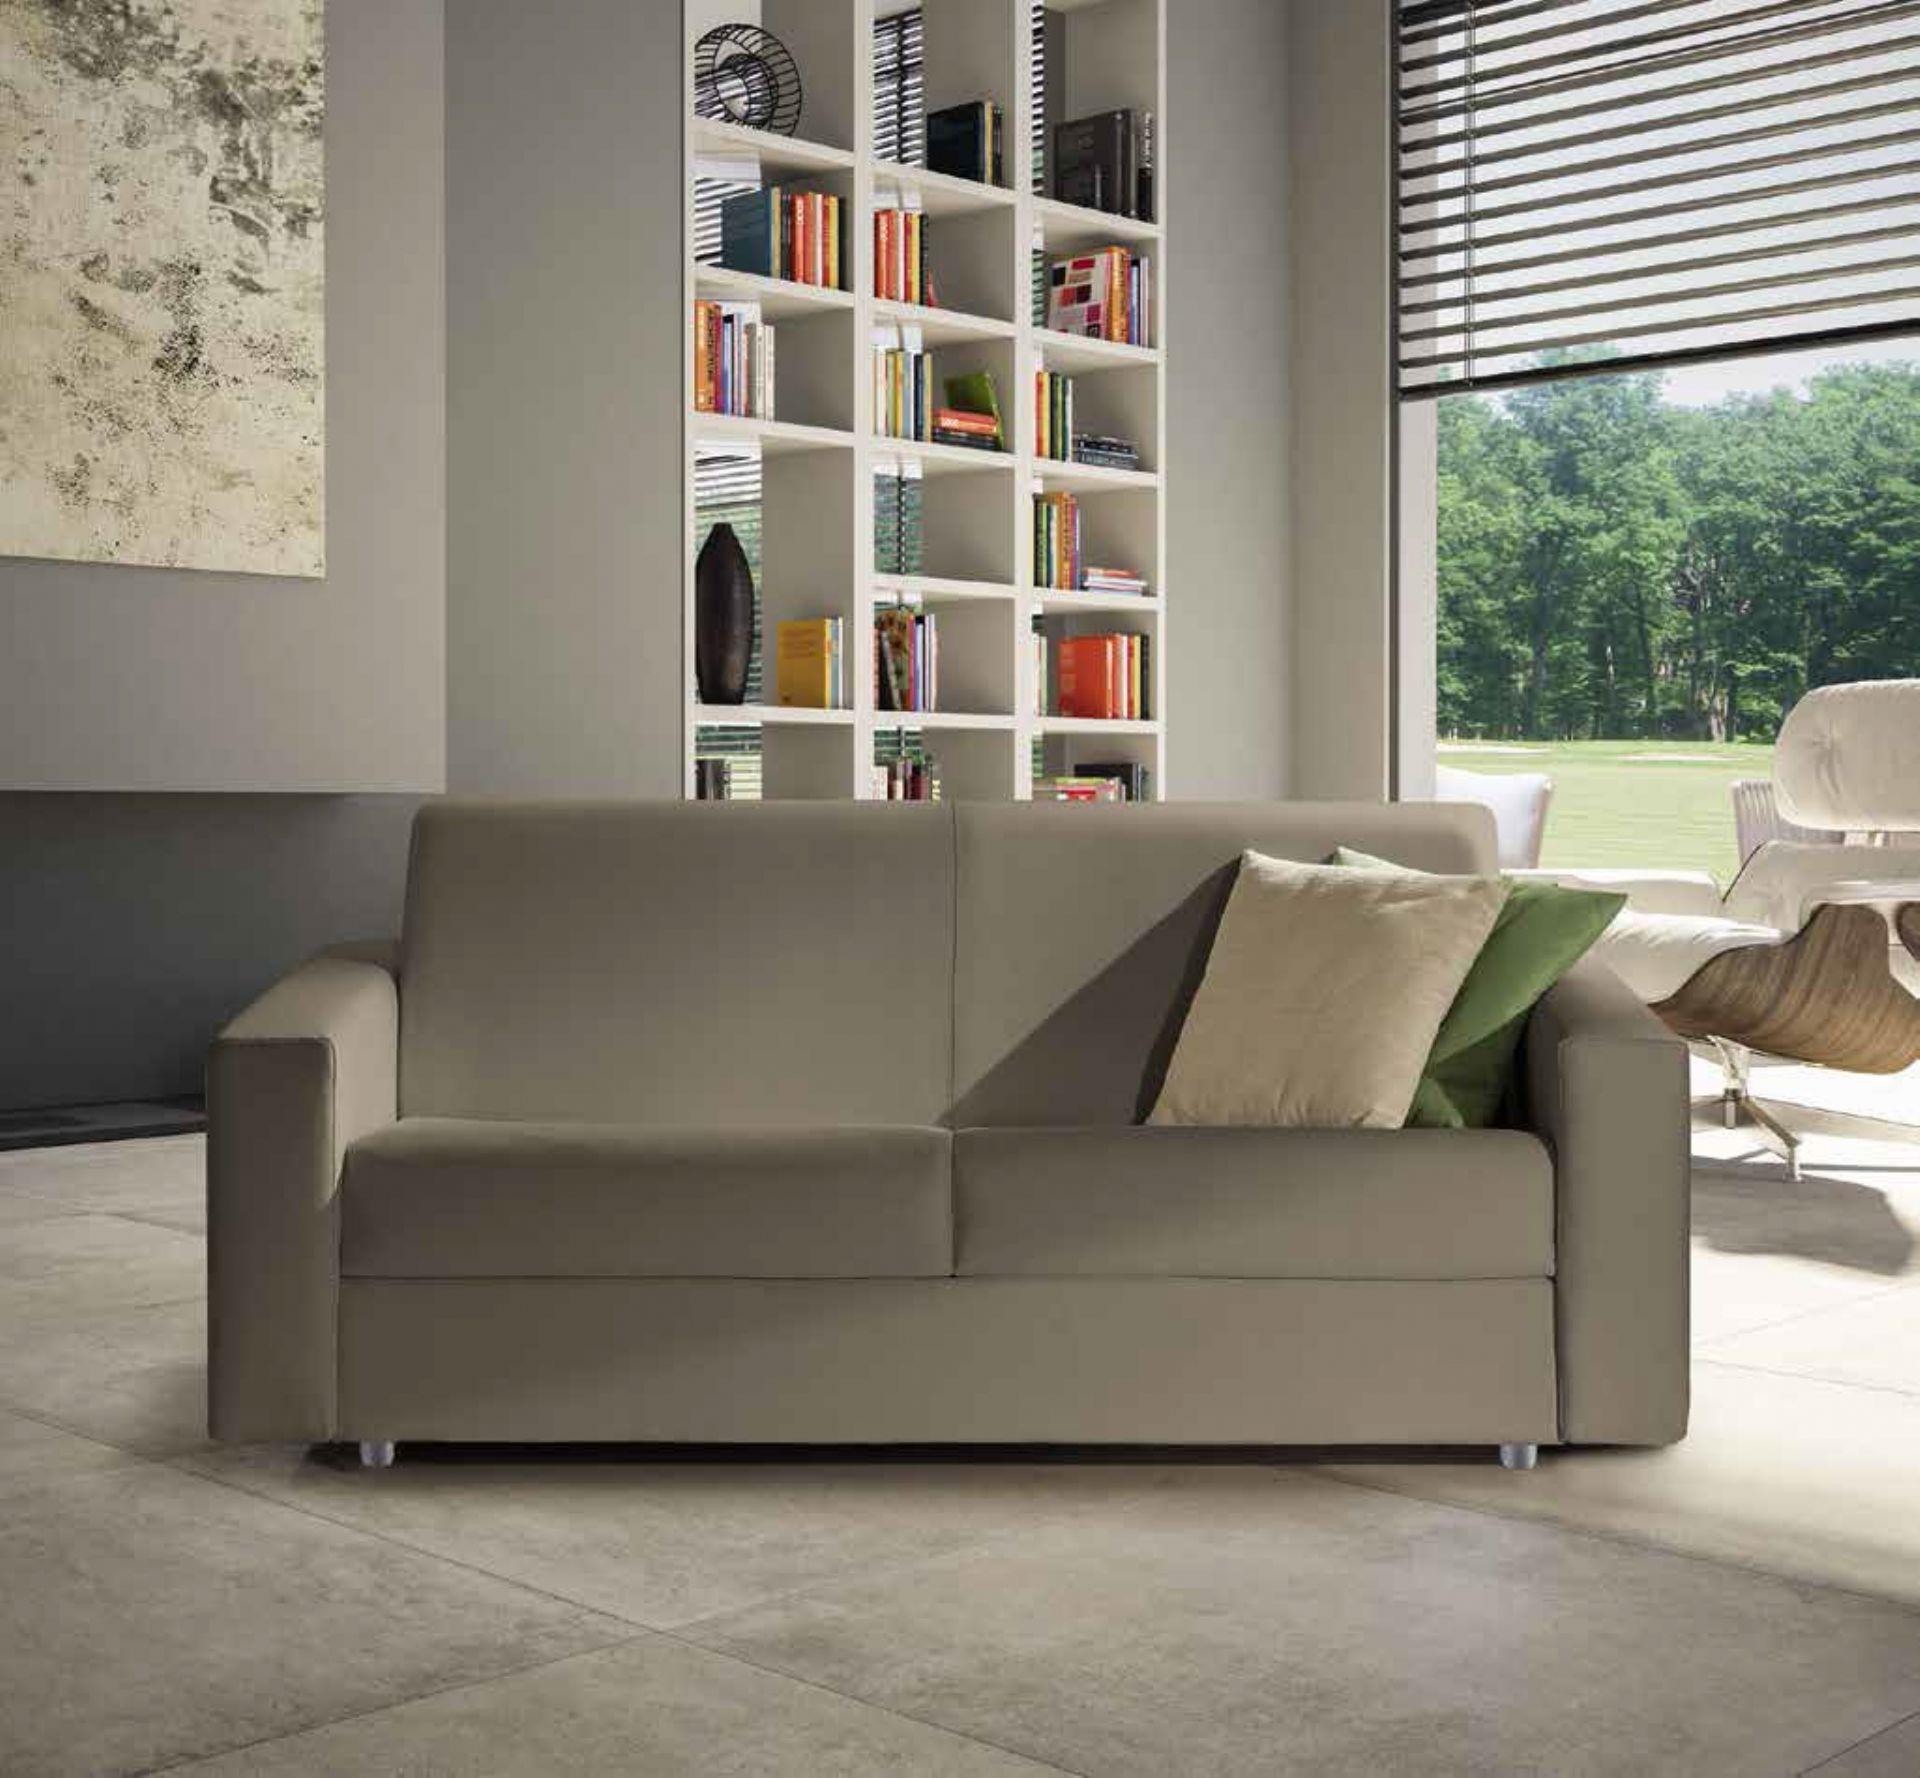 Divano letto alice 3 posti in tessuto divani a prezzi scontati - Divano 3 posti letto ...